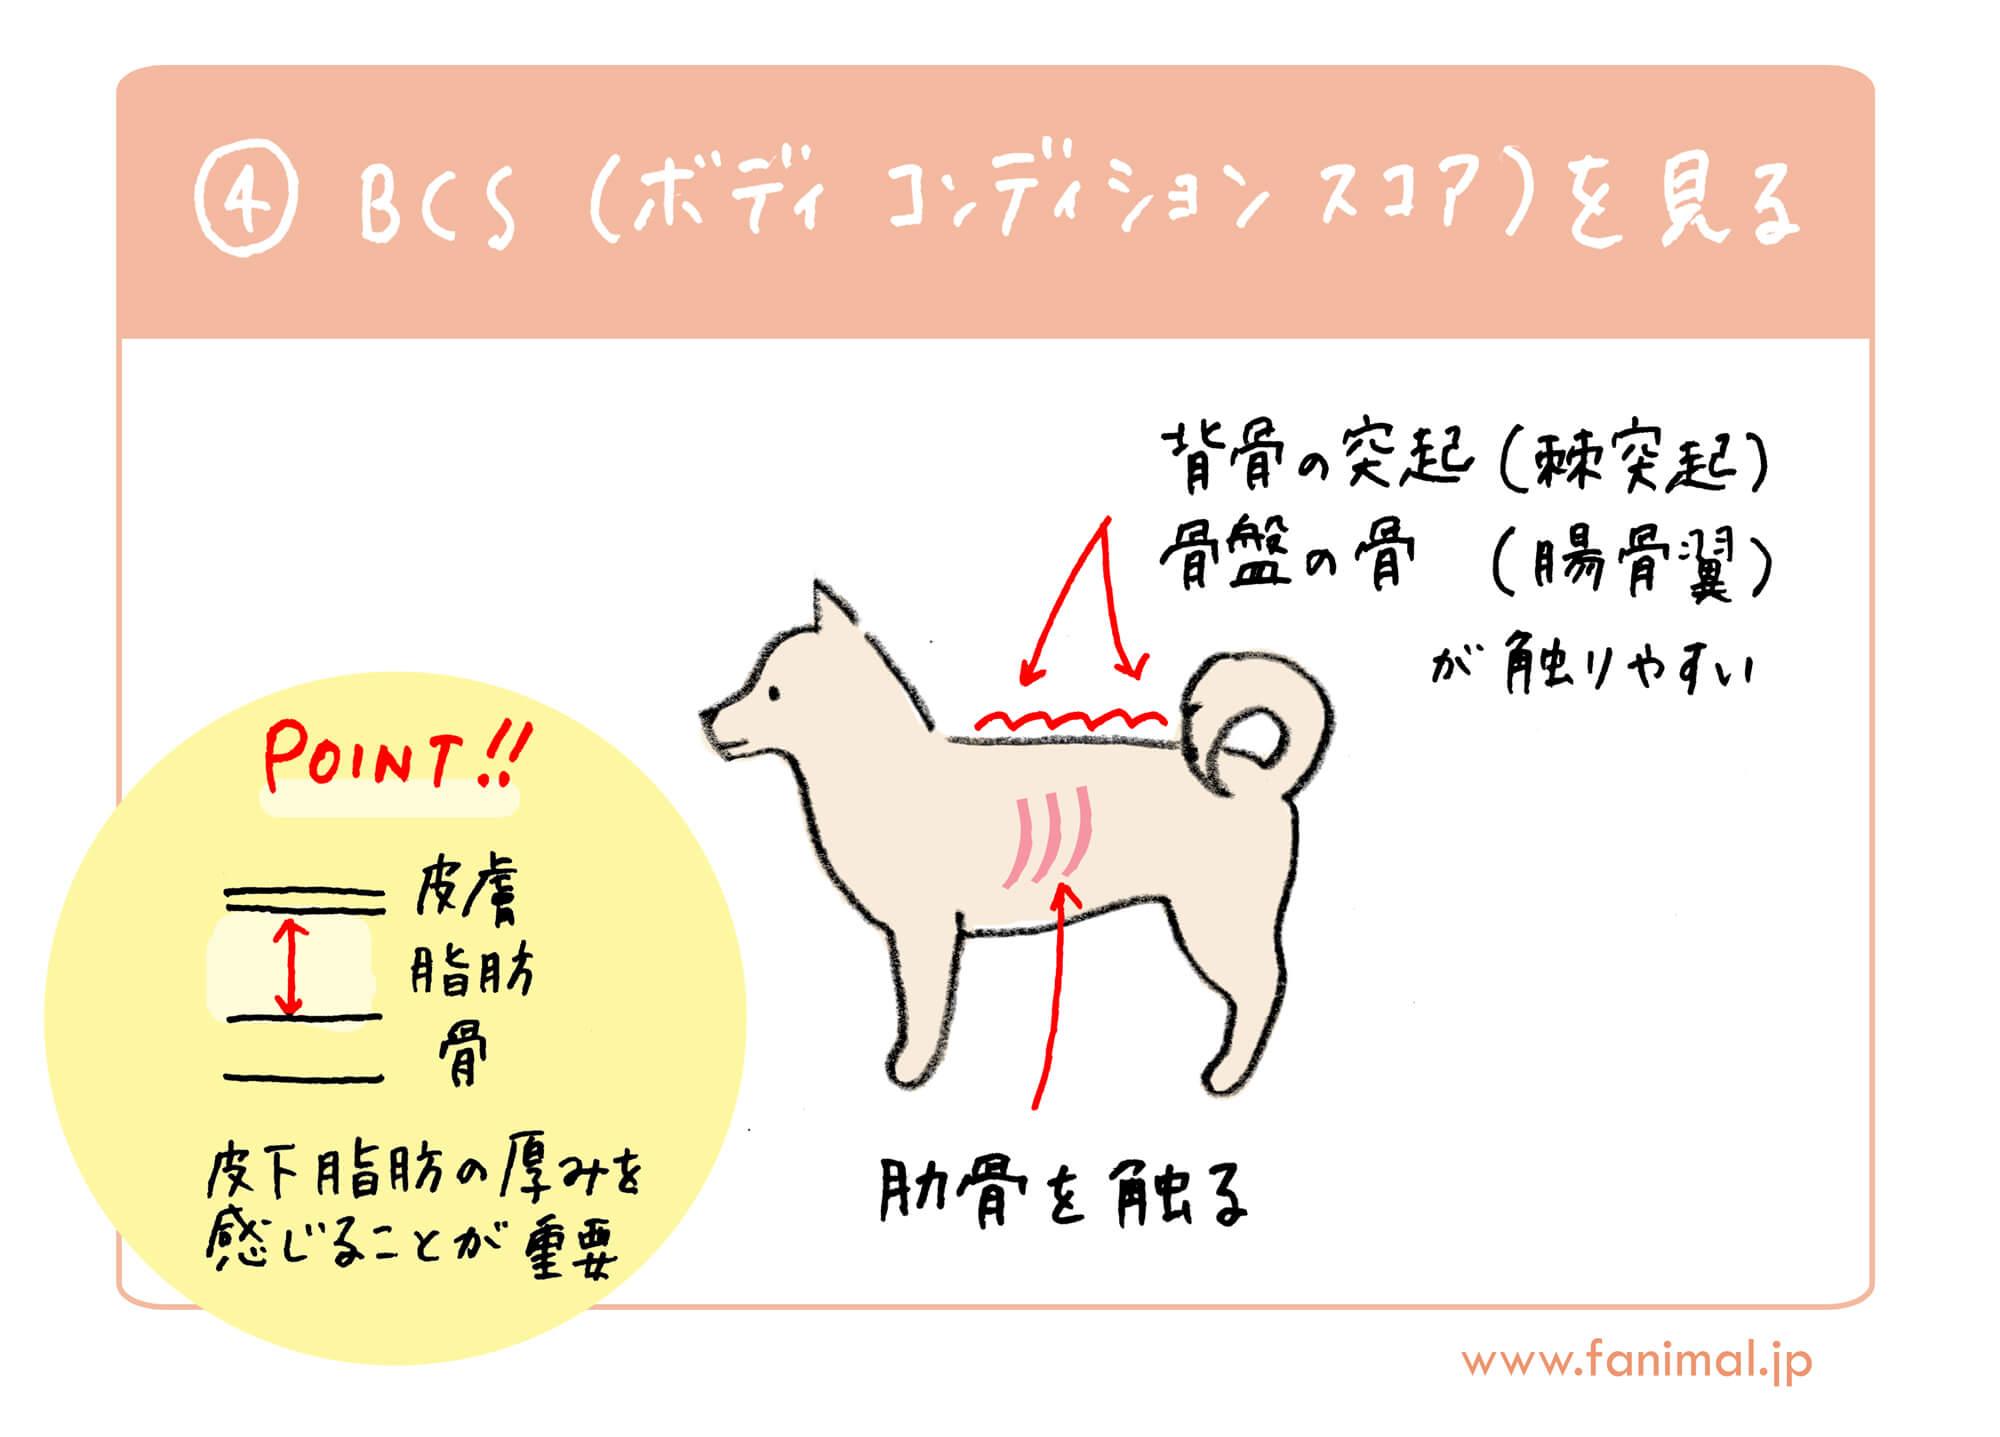 BCS(ボディ・コンディション・スコア) | Fanimal(ファニマル)